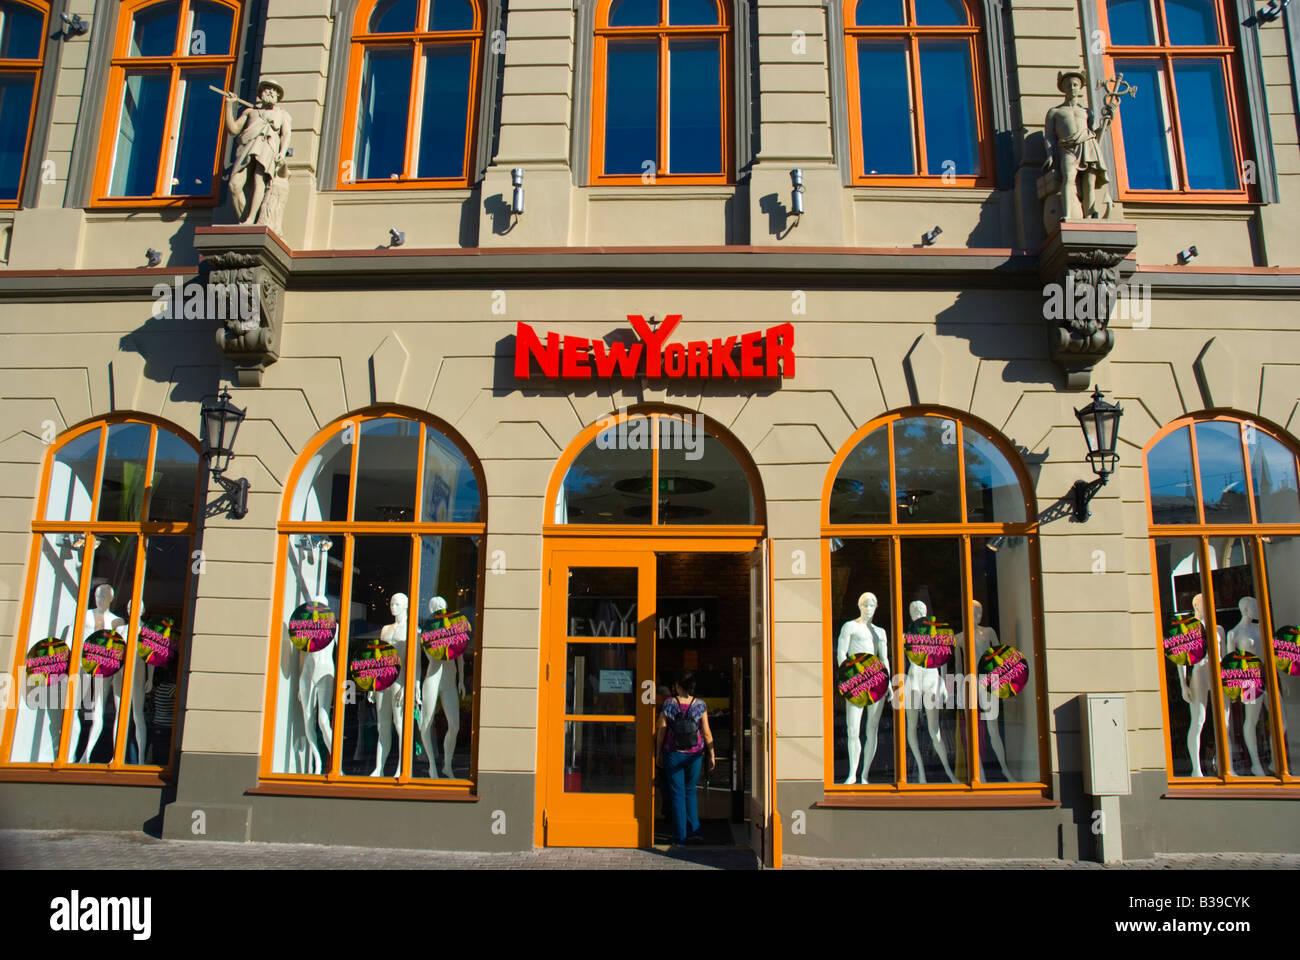 New Yorker negozio di abbigliamento nella città vecchia di Riga Lettonia  Europa 0e8b630d1e04